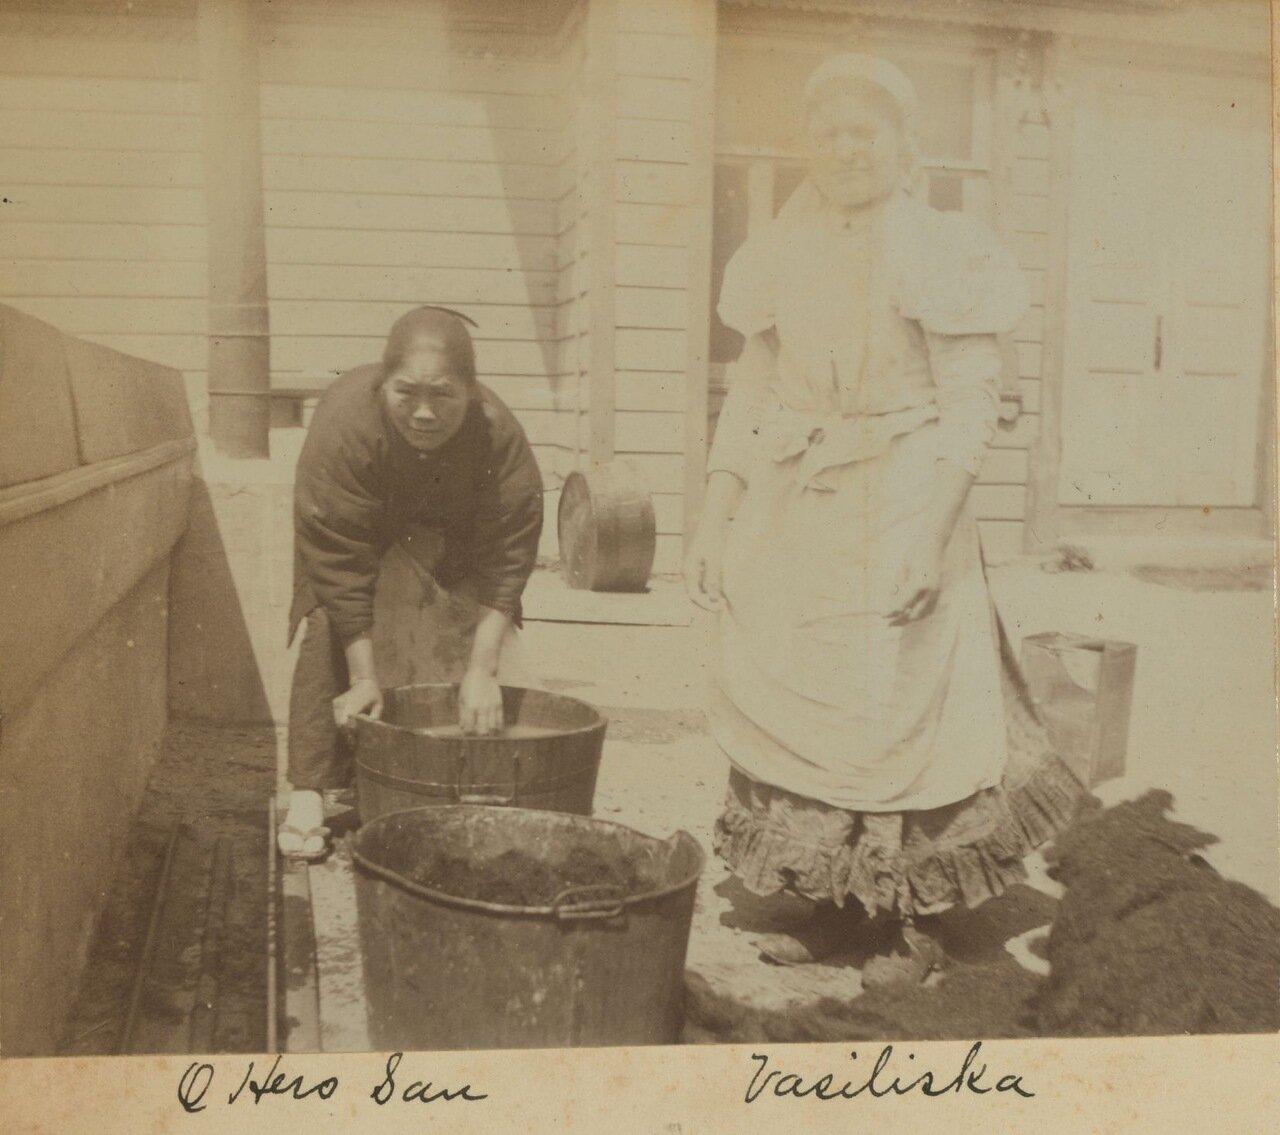 Охиро-Сан, один из японских горничных, и Василиска, прачка. 1899